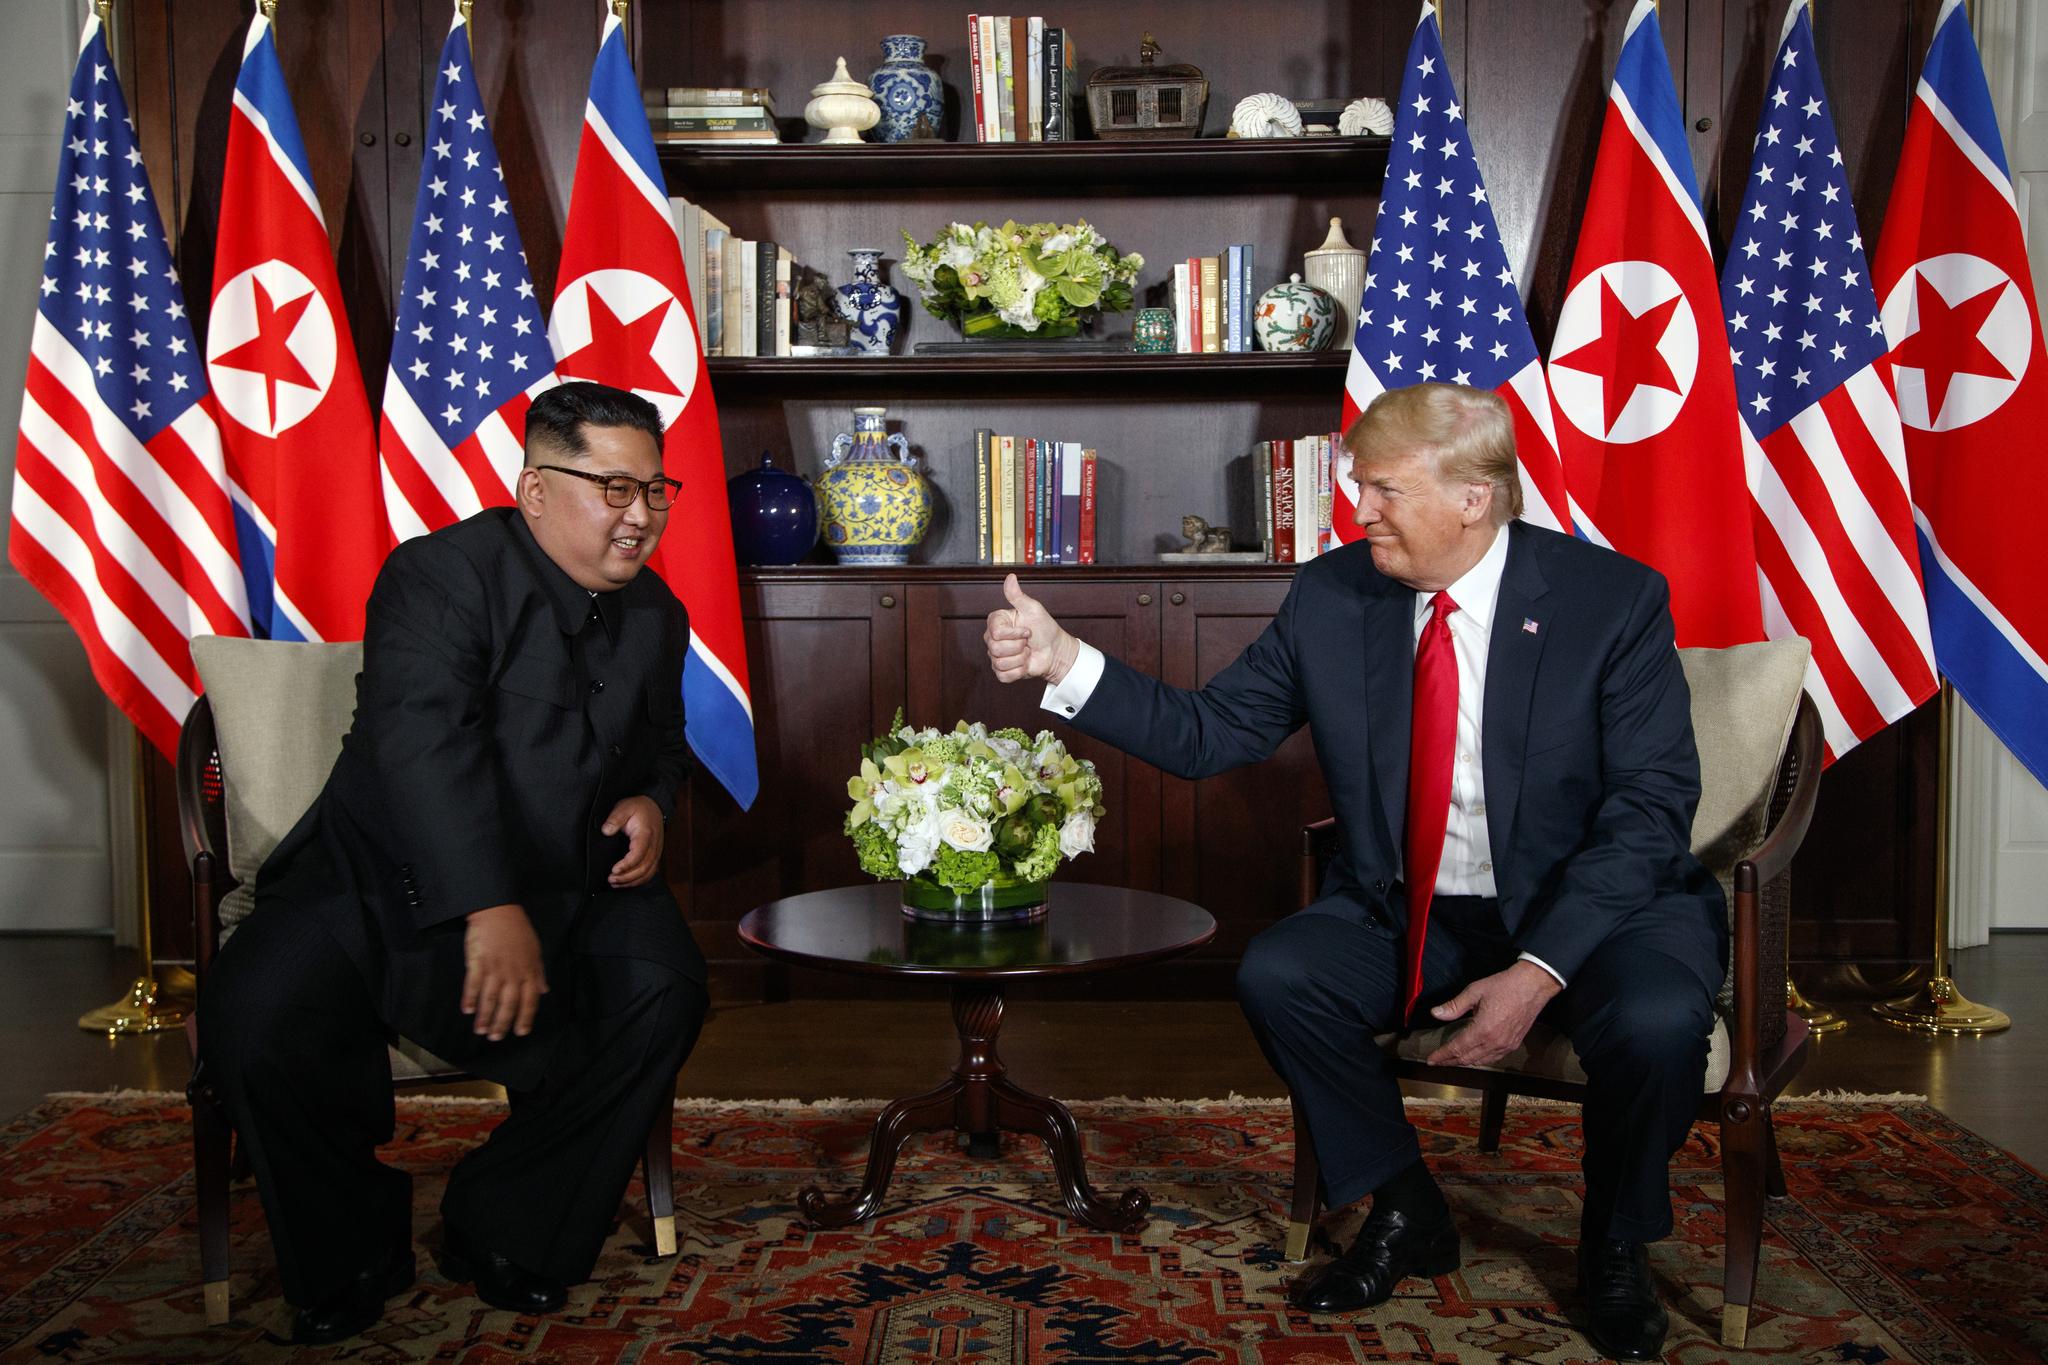 정상회담이 열린 12일 트럼프 대통령이 김정은 위원장과 나란히 앉아 엄지를 치켜세우고 있다. [AP=연합뉴스]